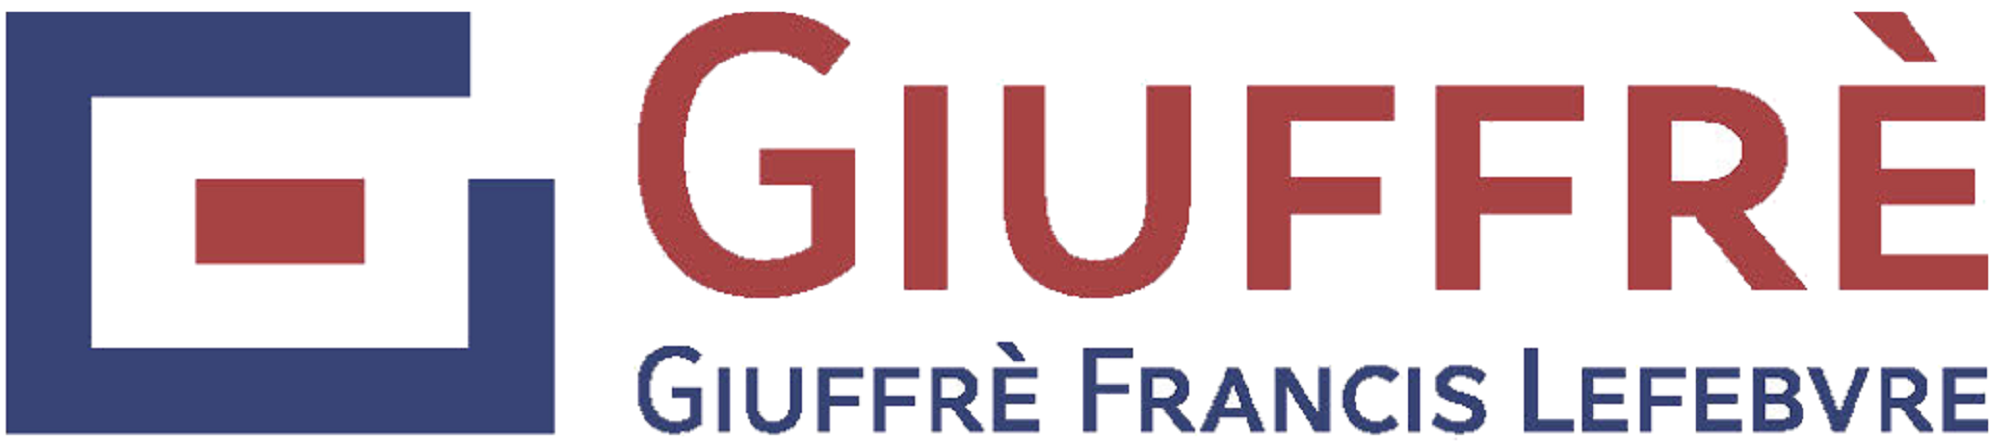 Giuffrè Francis Lefebvre